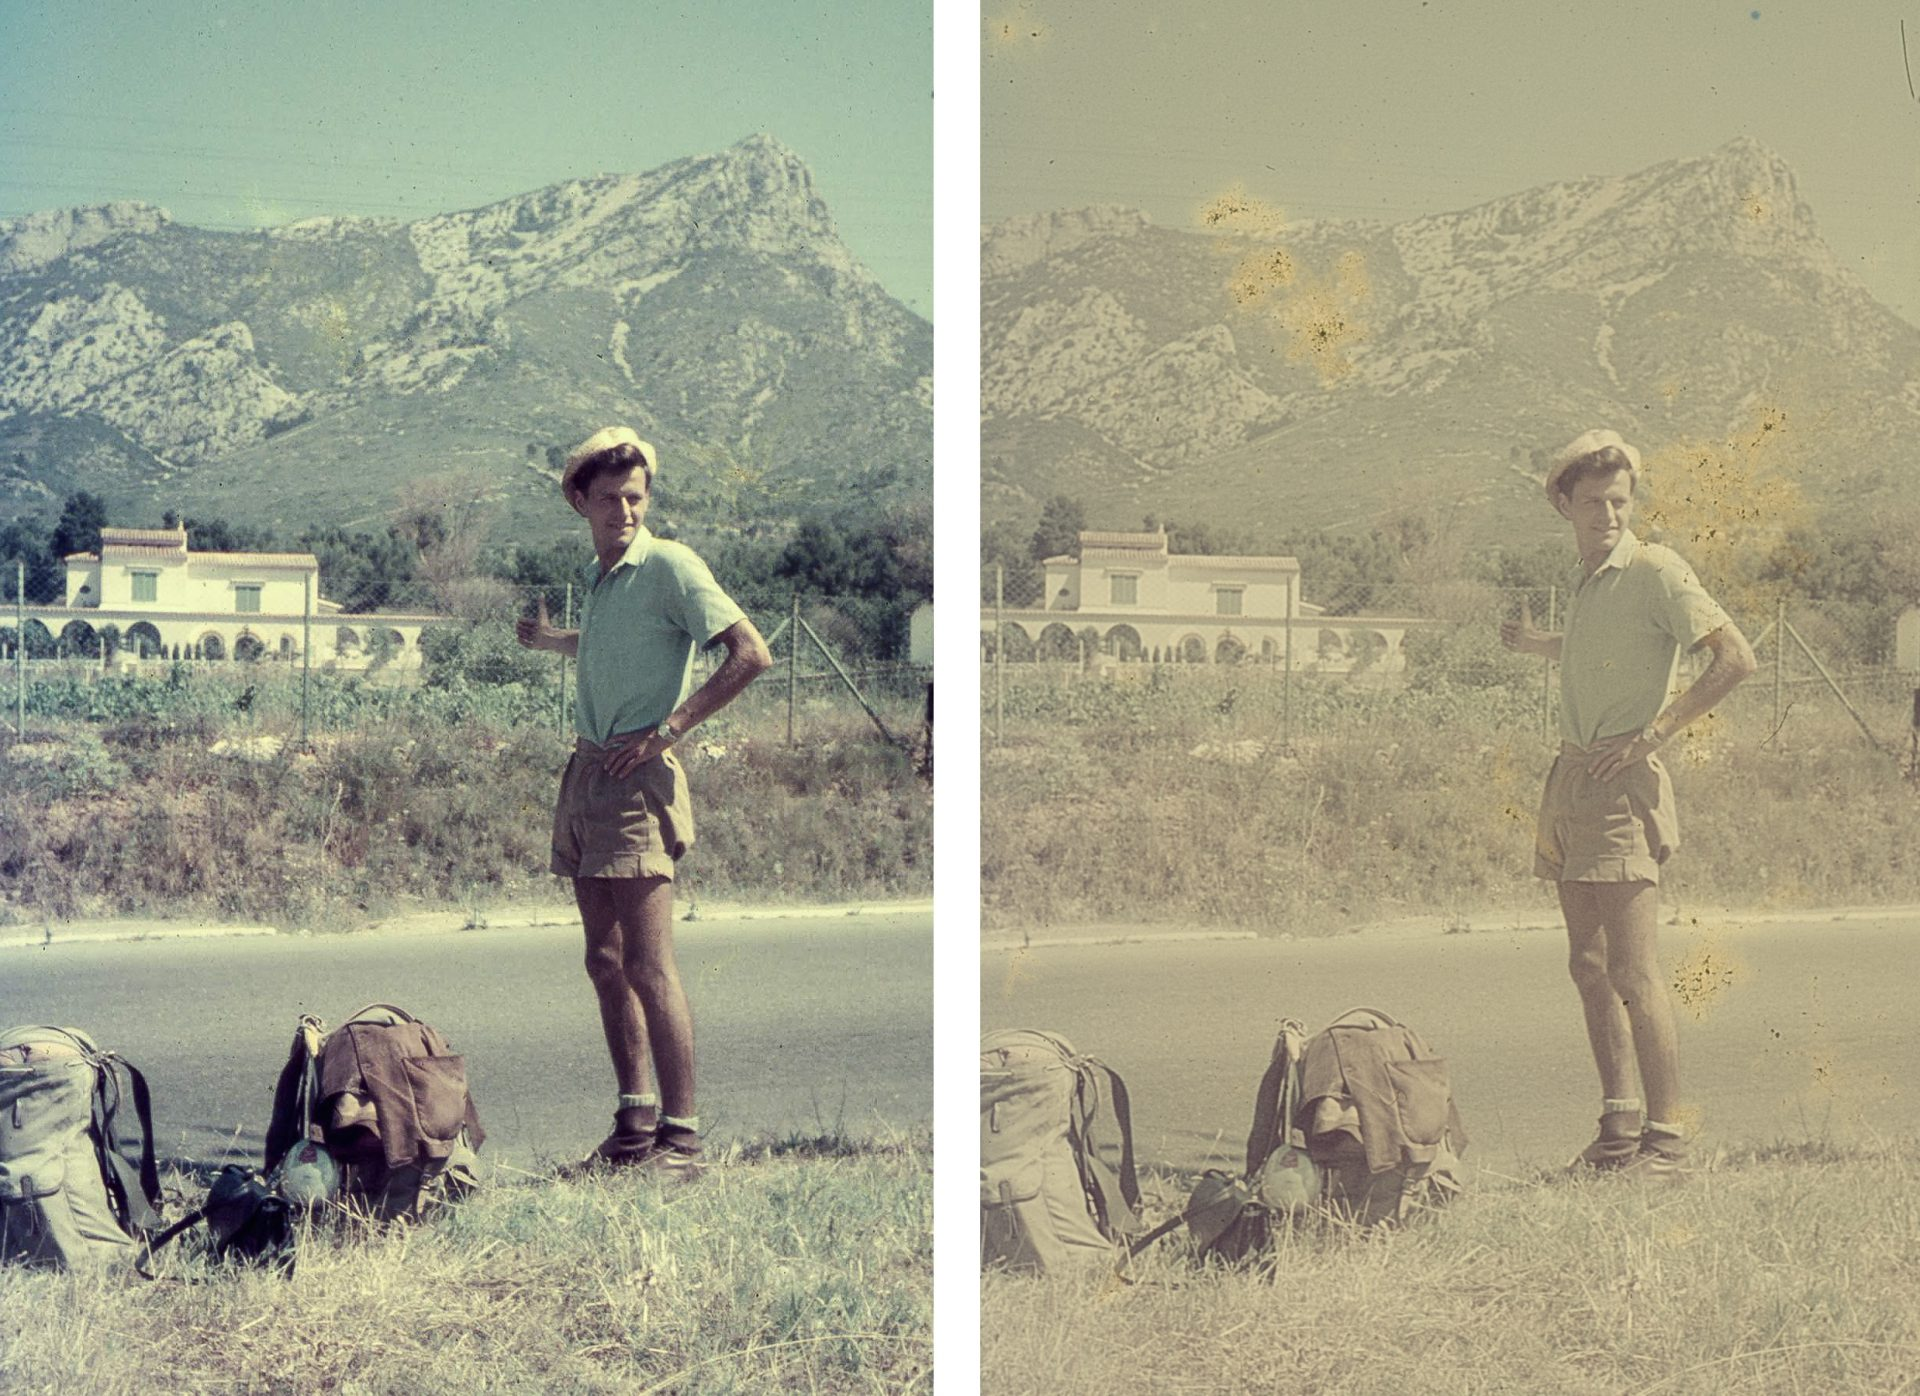 2 versions of same image of man hitchhiking